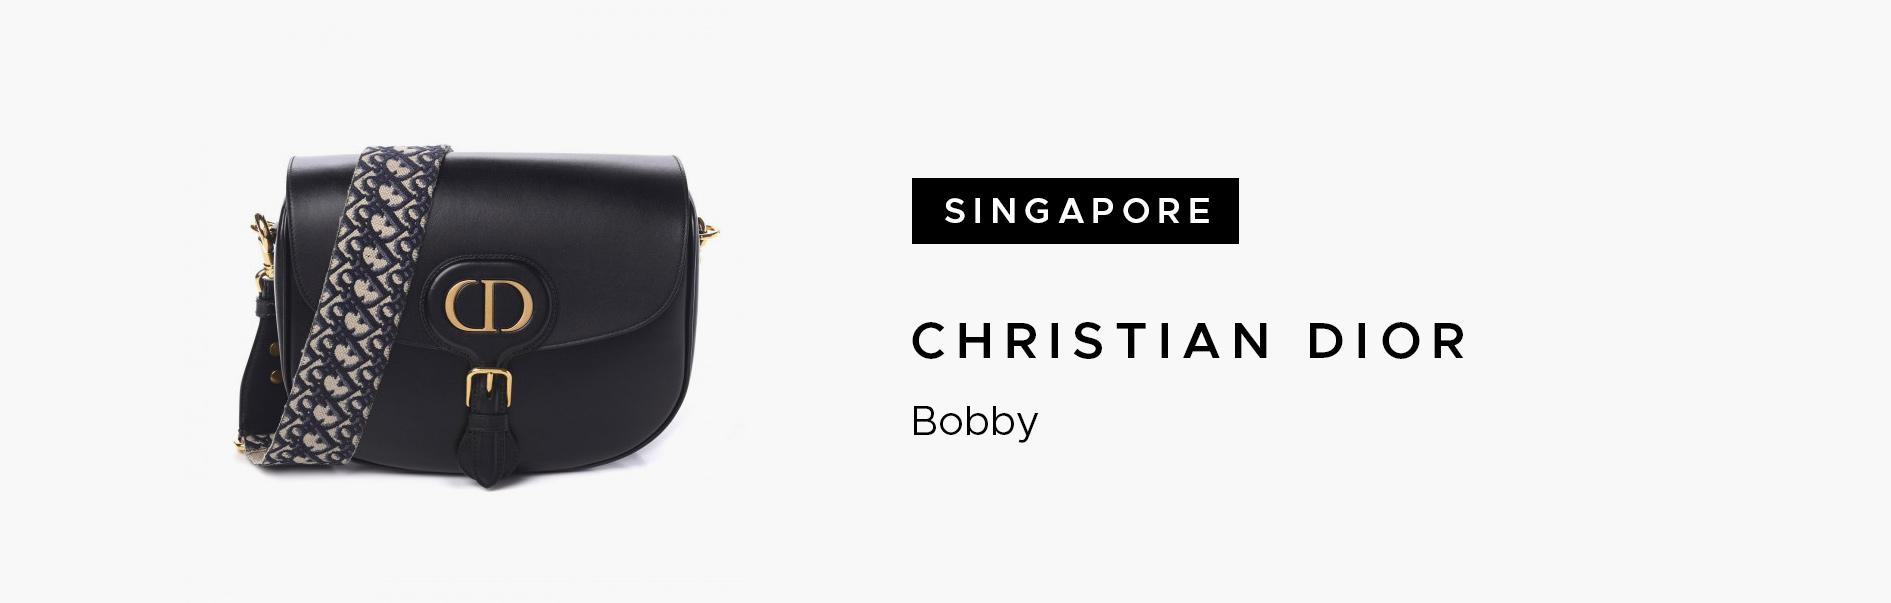 Singapore Christian Dior Bobby